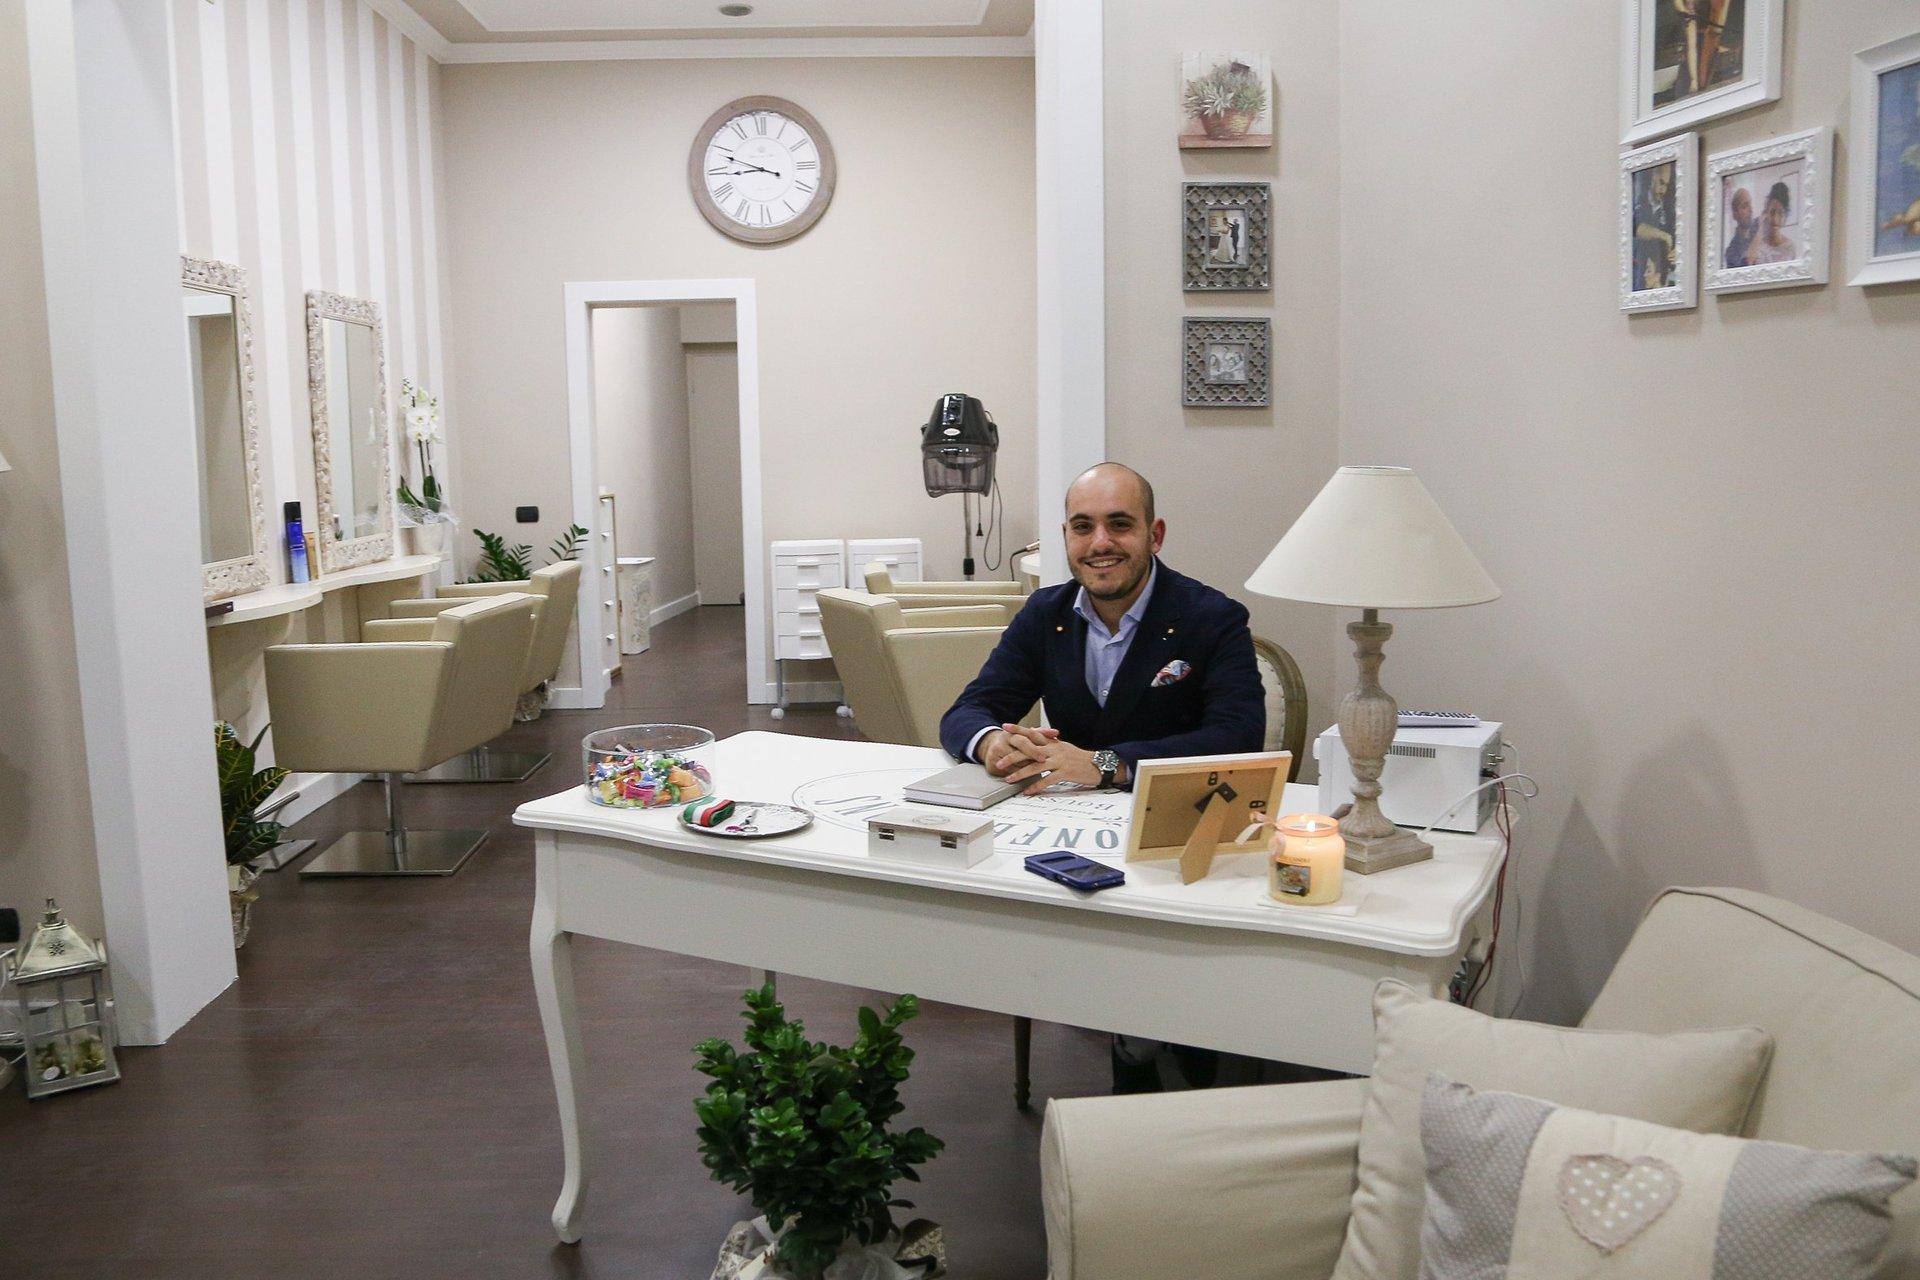 il proprietario del salone seduto alla sua scrivania